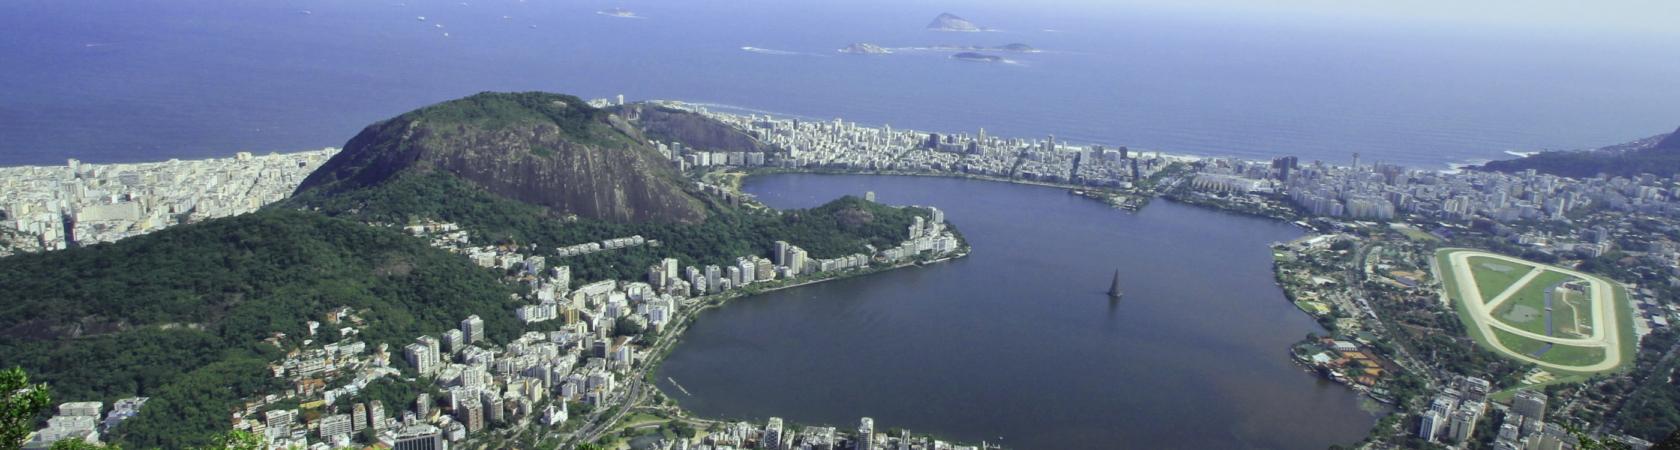 Rio de Janeiro vom Corcovado aus